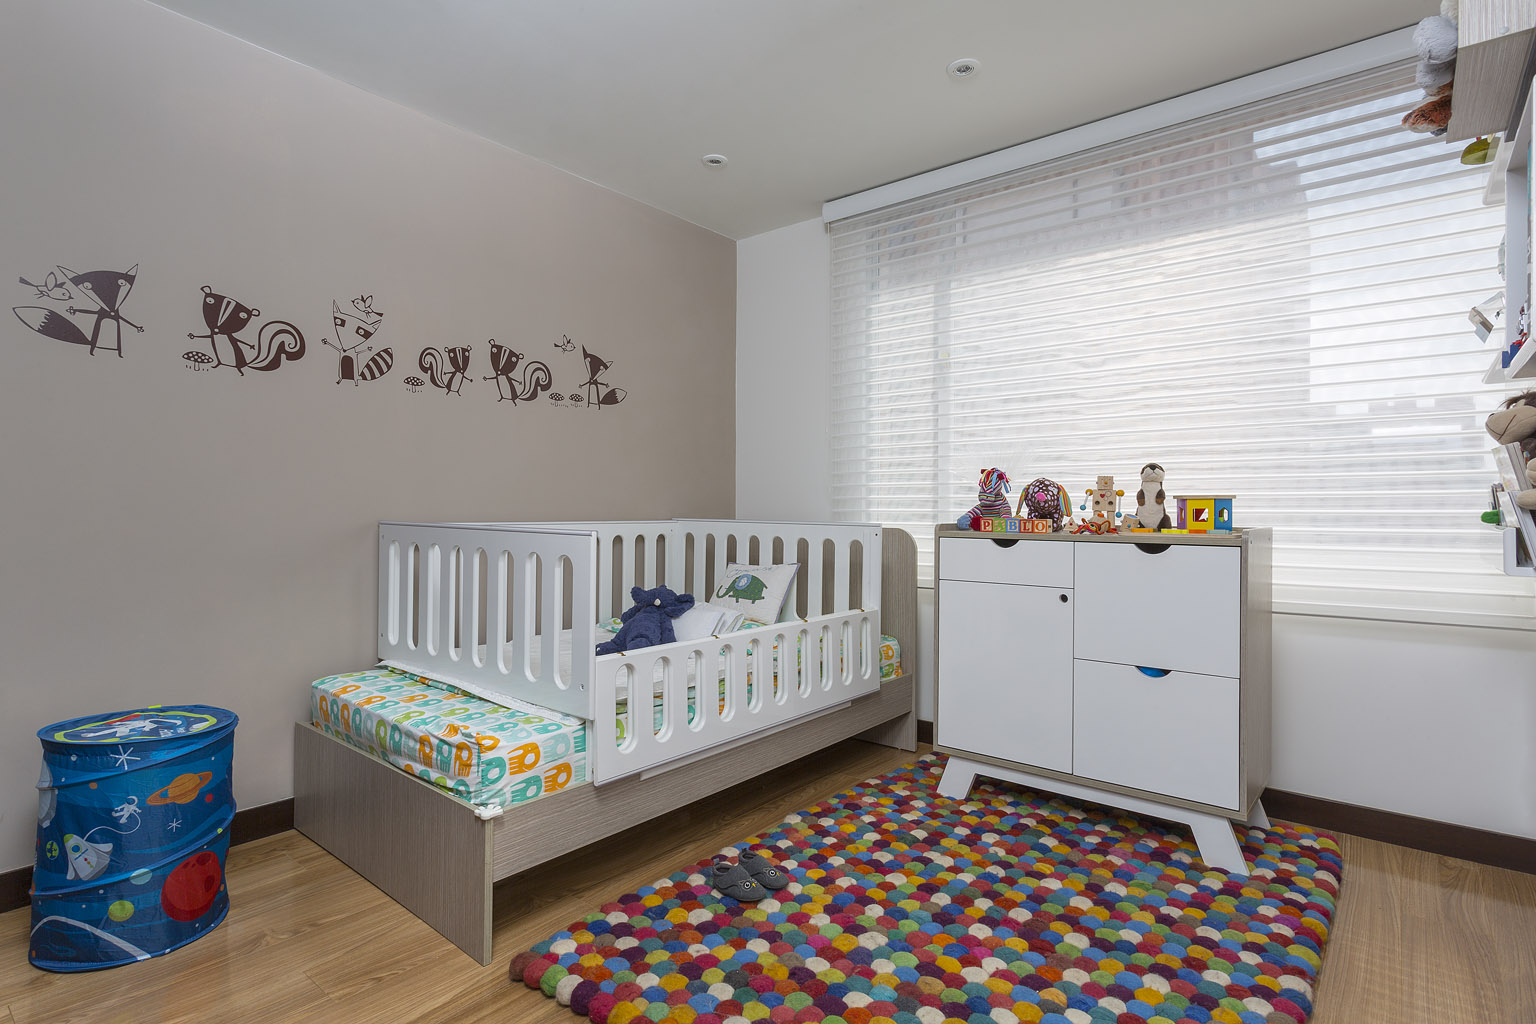 Cuartos para ni os y muebles para beb s novedades for Almacenes decoracion bogota